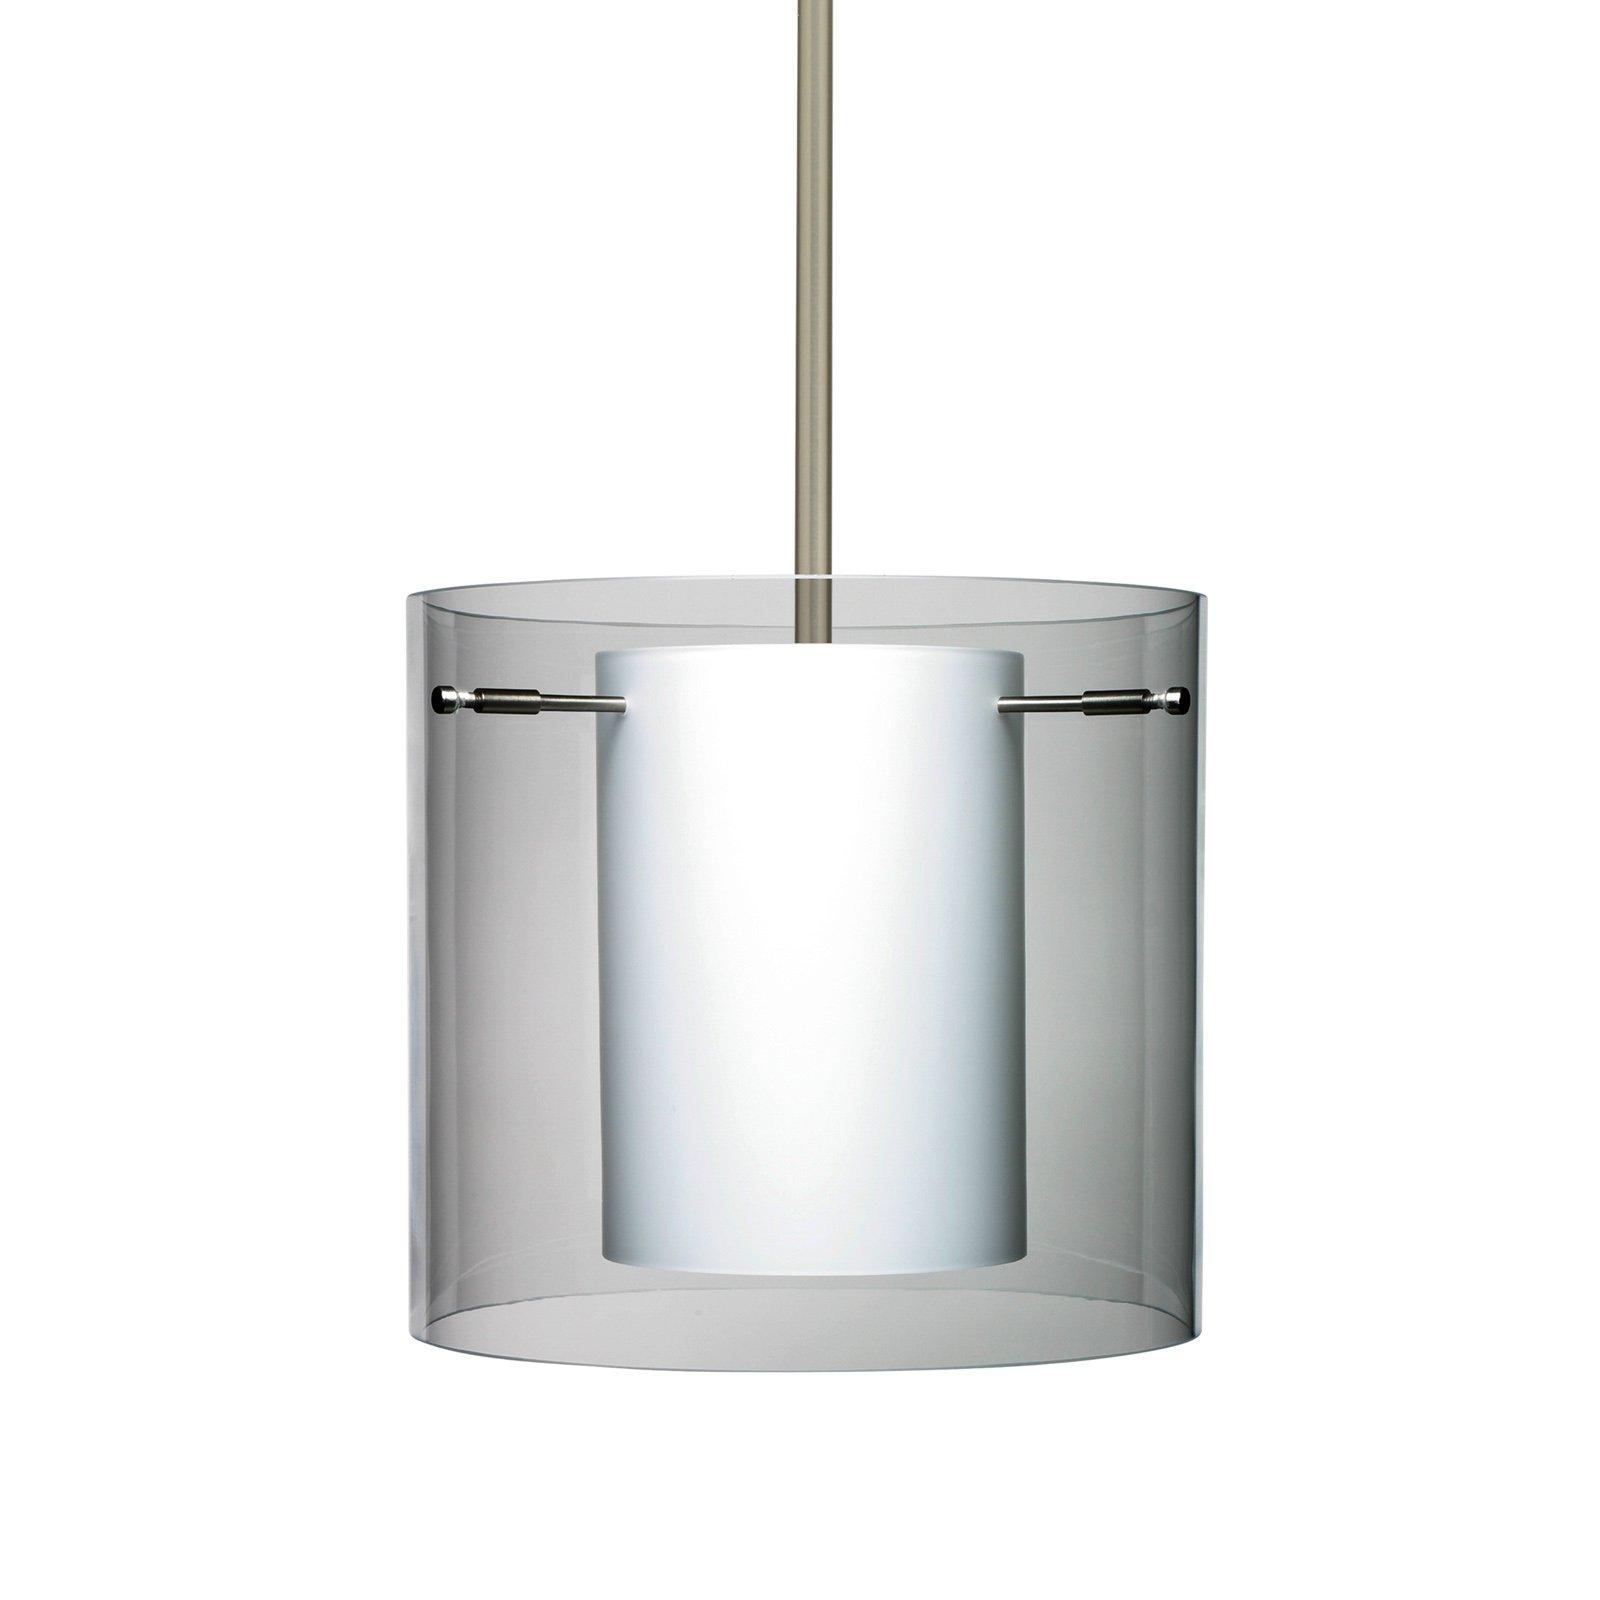 Besa Lighting  1TT-C18407  Pendants  Pahu  Indoor Lighting  ;Satin Nickel